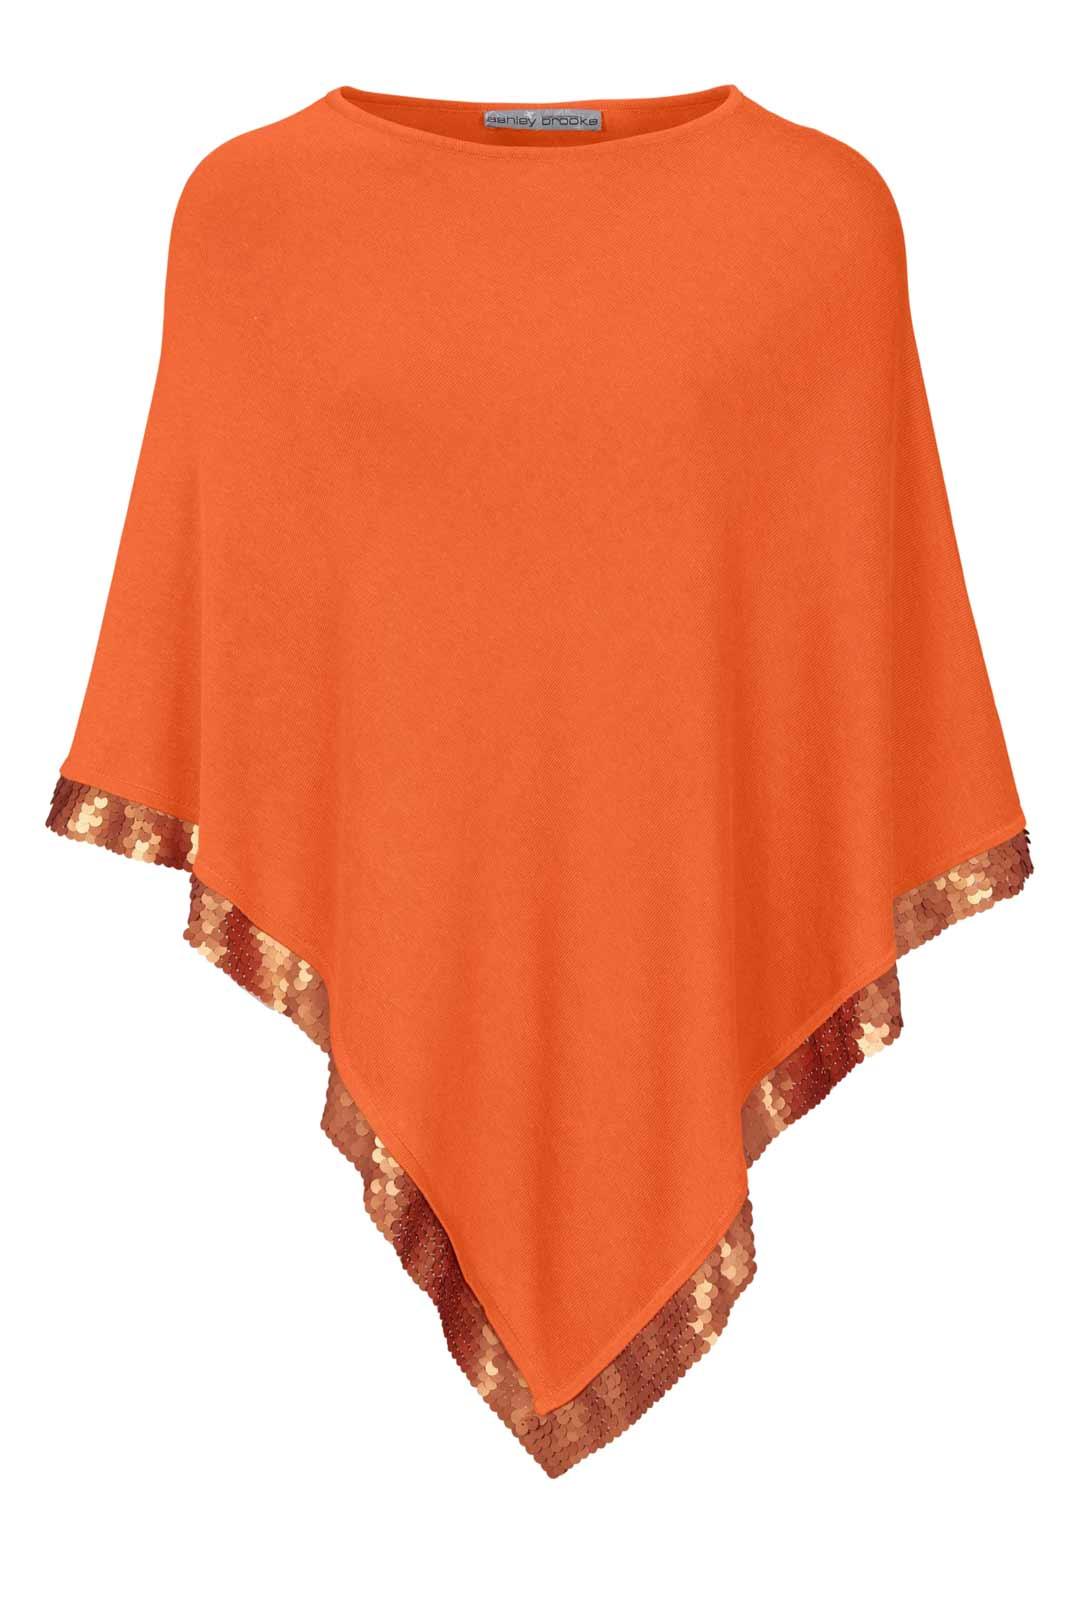 Ashley Brooke Poncho orange 998.384 Missforty